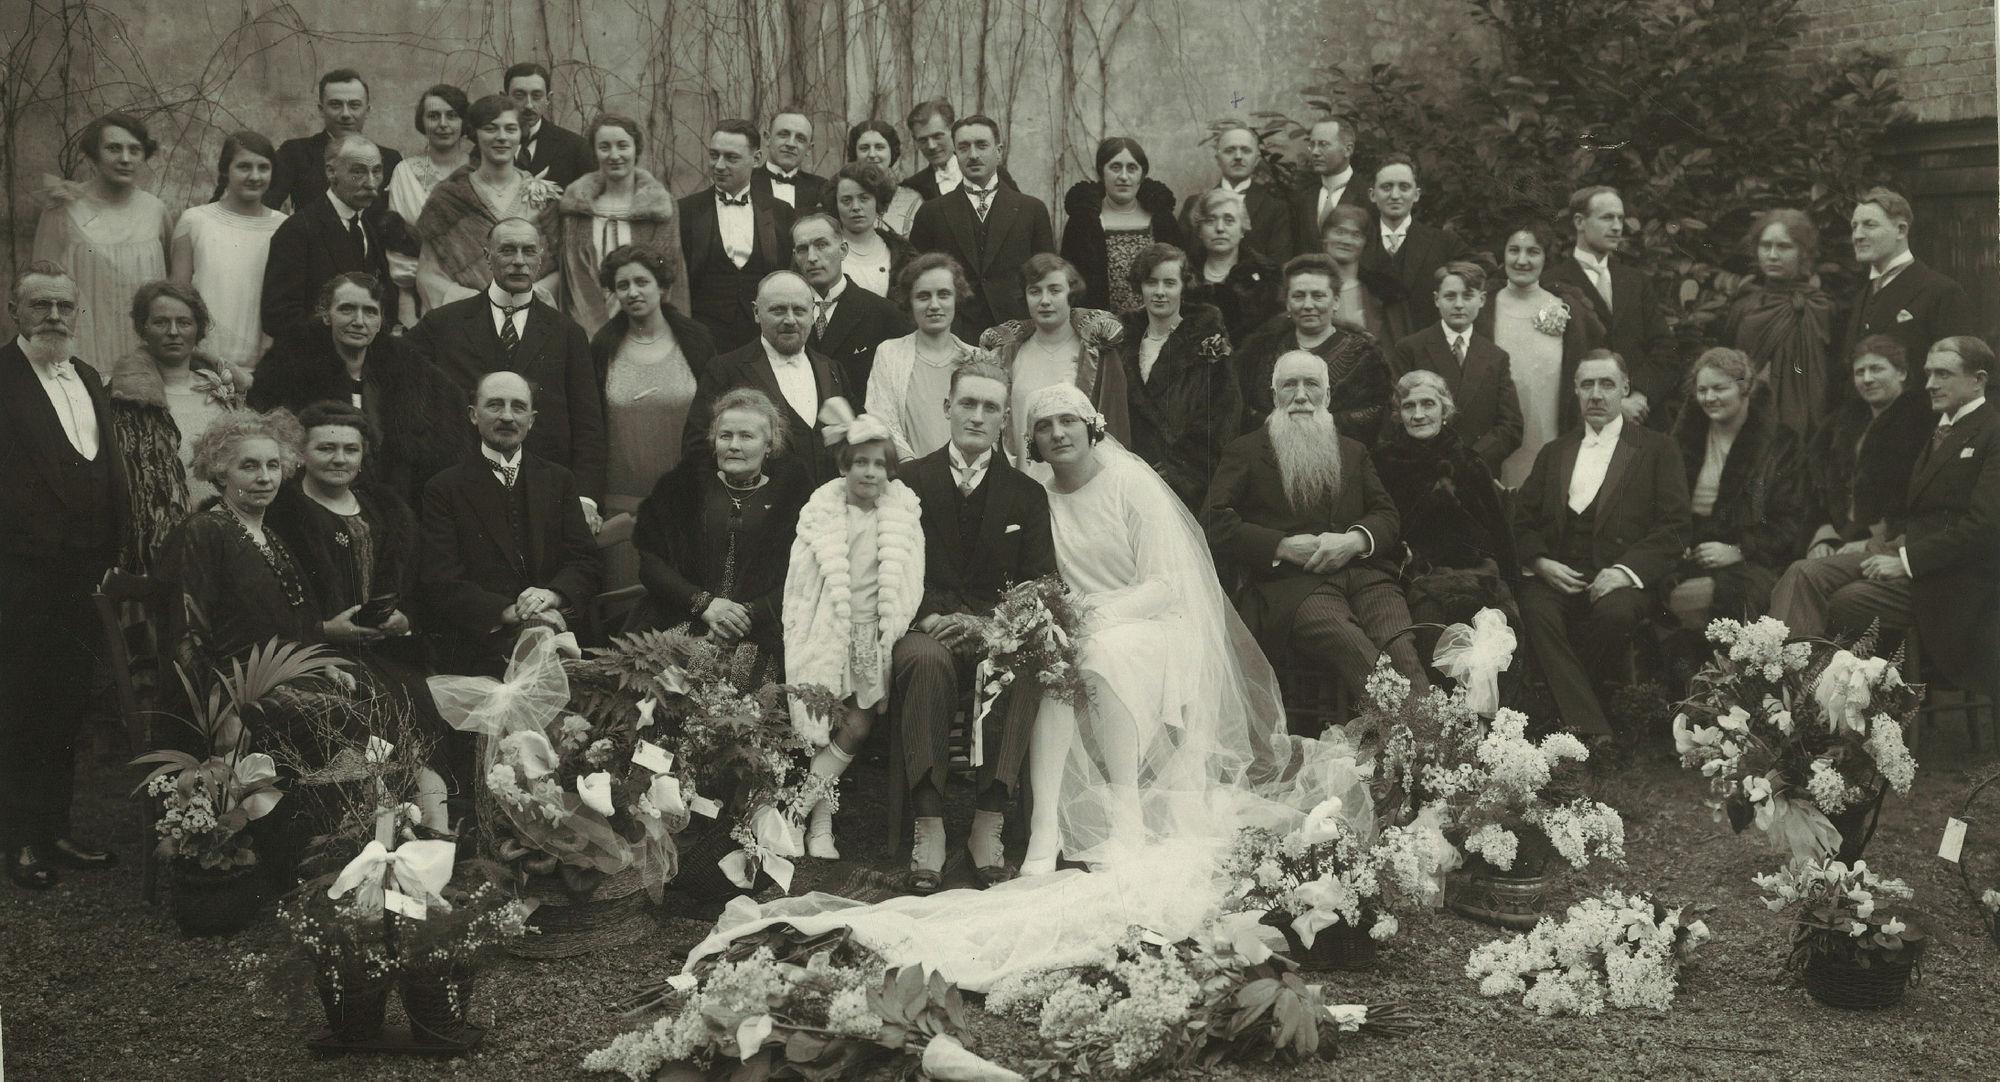 Familiefoto op huwelijk van Godelieve Laigneil met Léonard Steverlynck